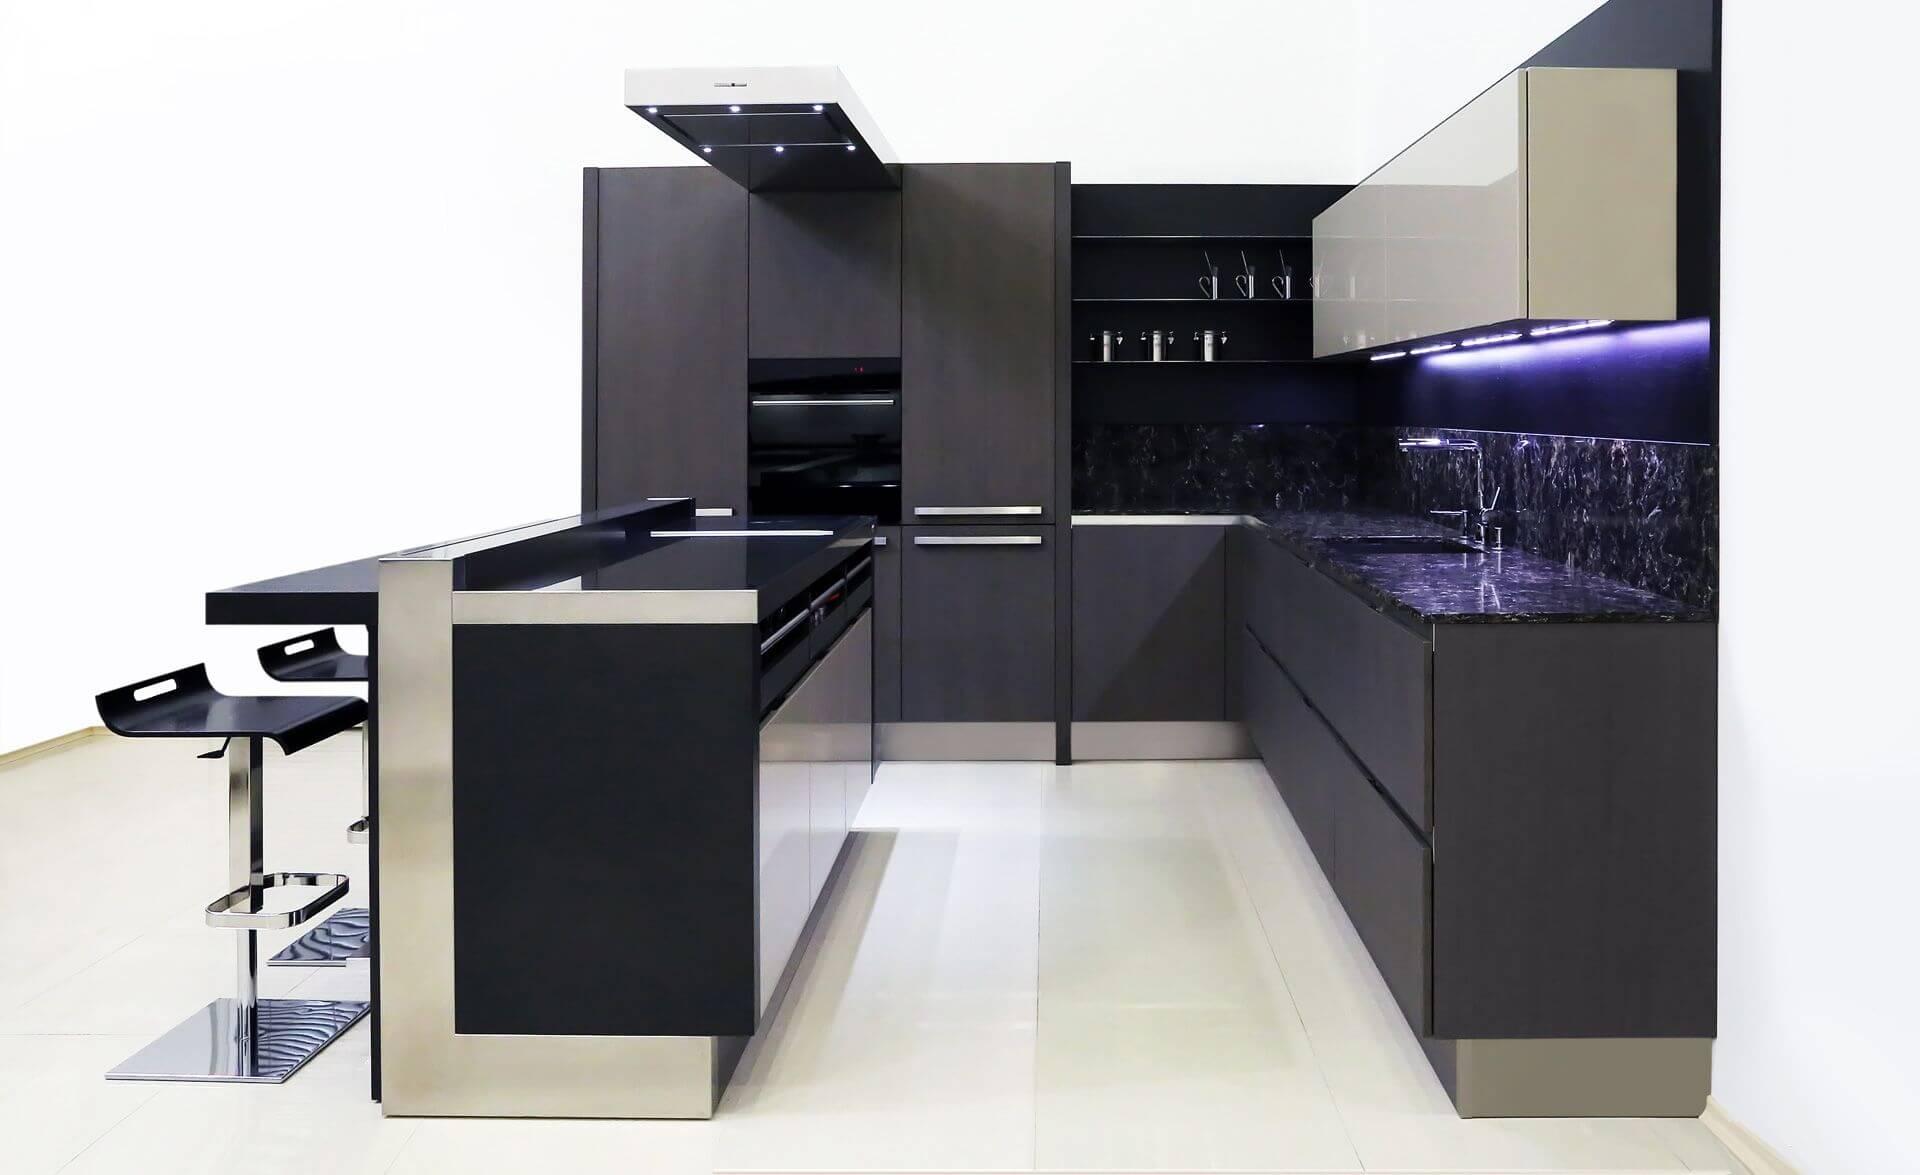 Натяжные потолки матовые на кухню фото творил